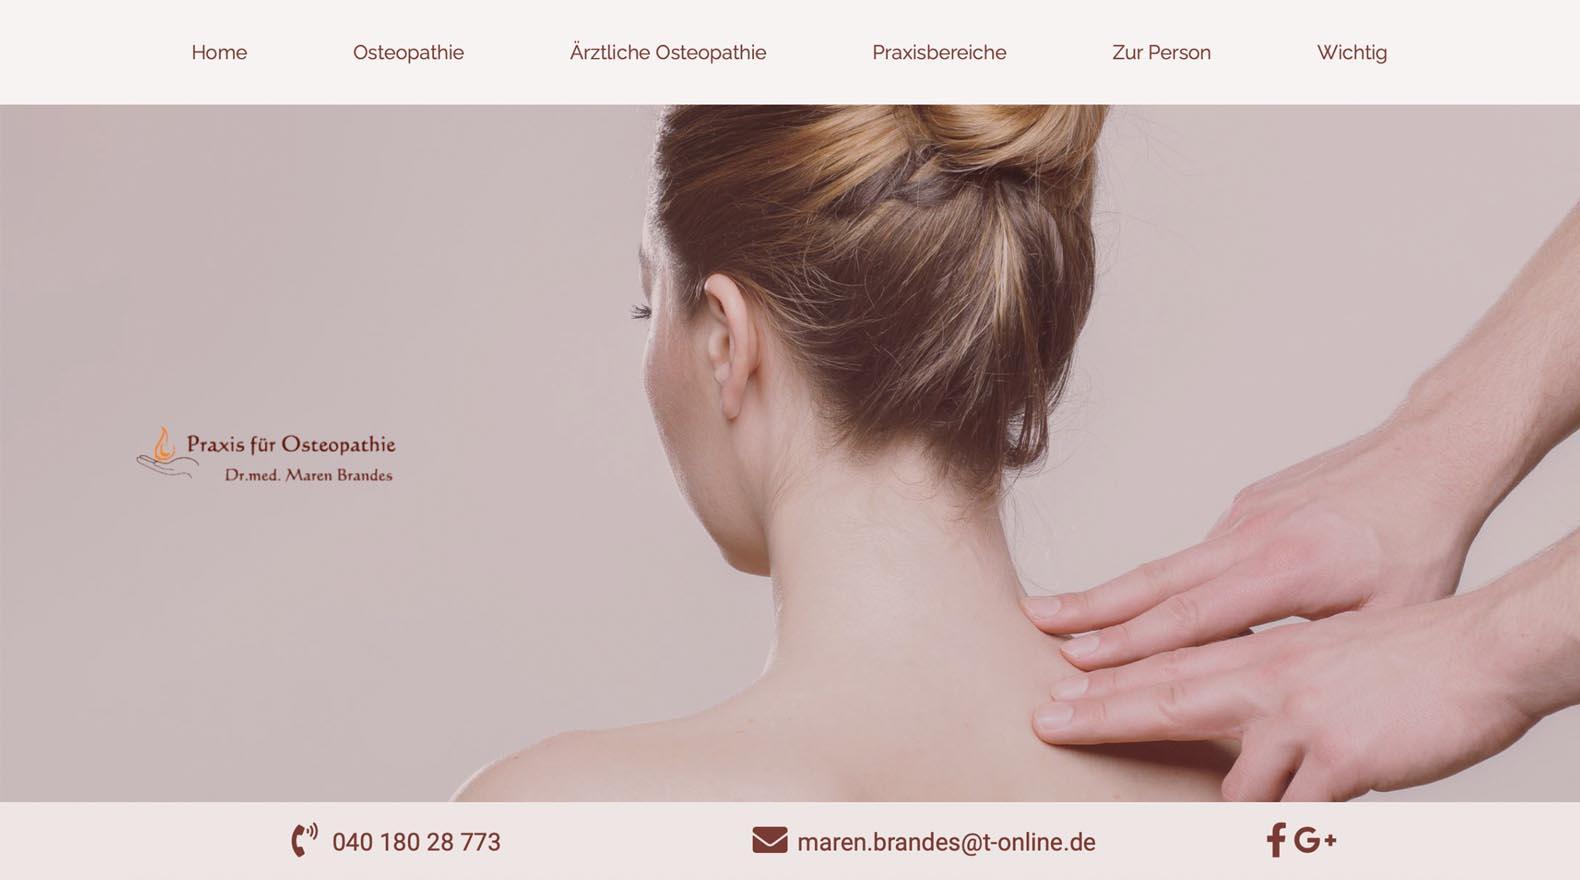 webprojekt-chemnitz-referenz-arztpraxis-osteopathie-hamburg